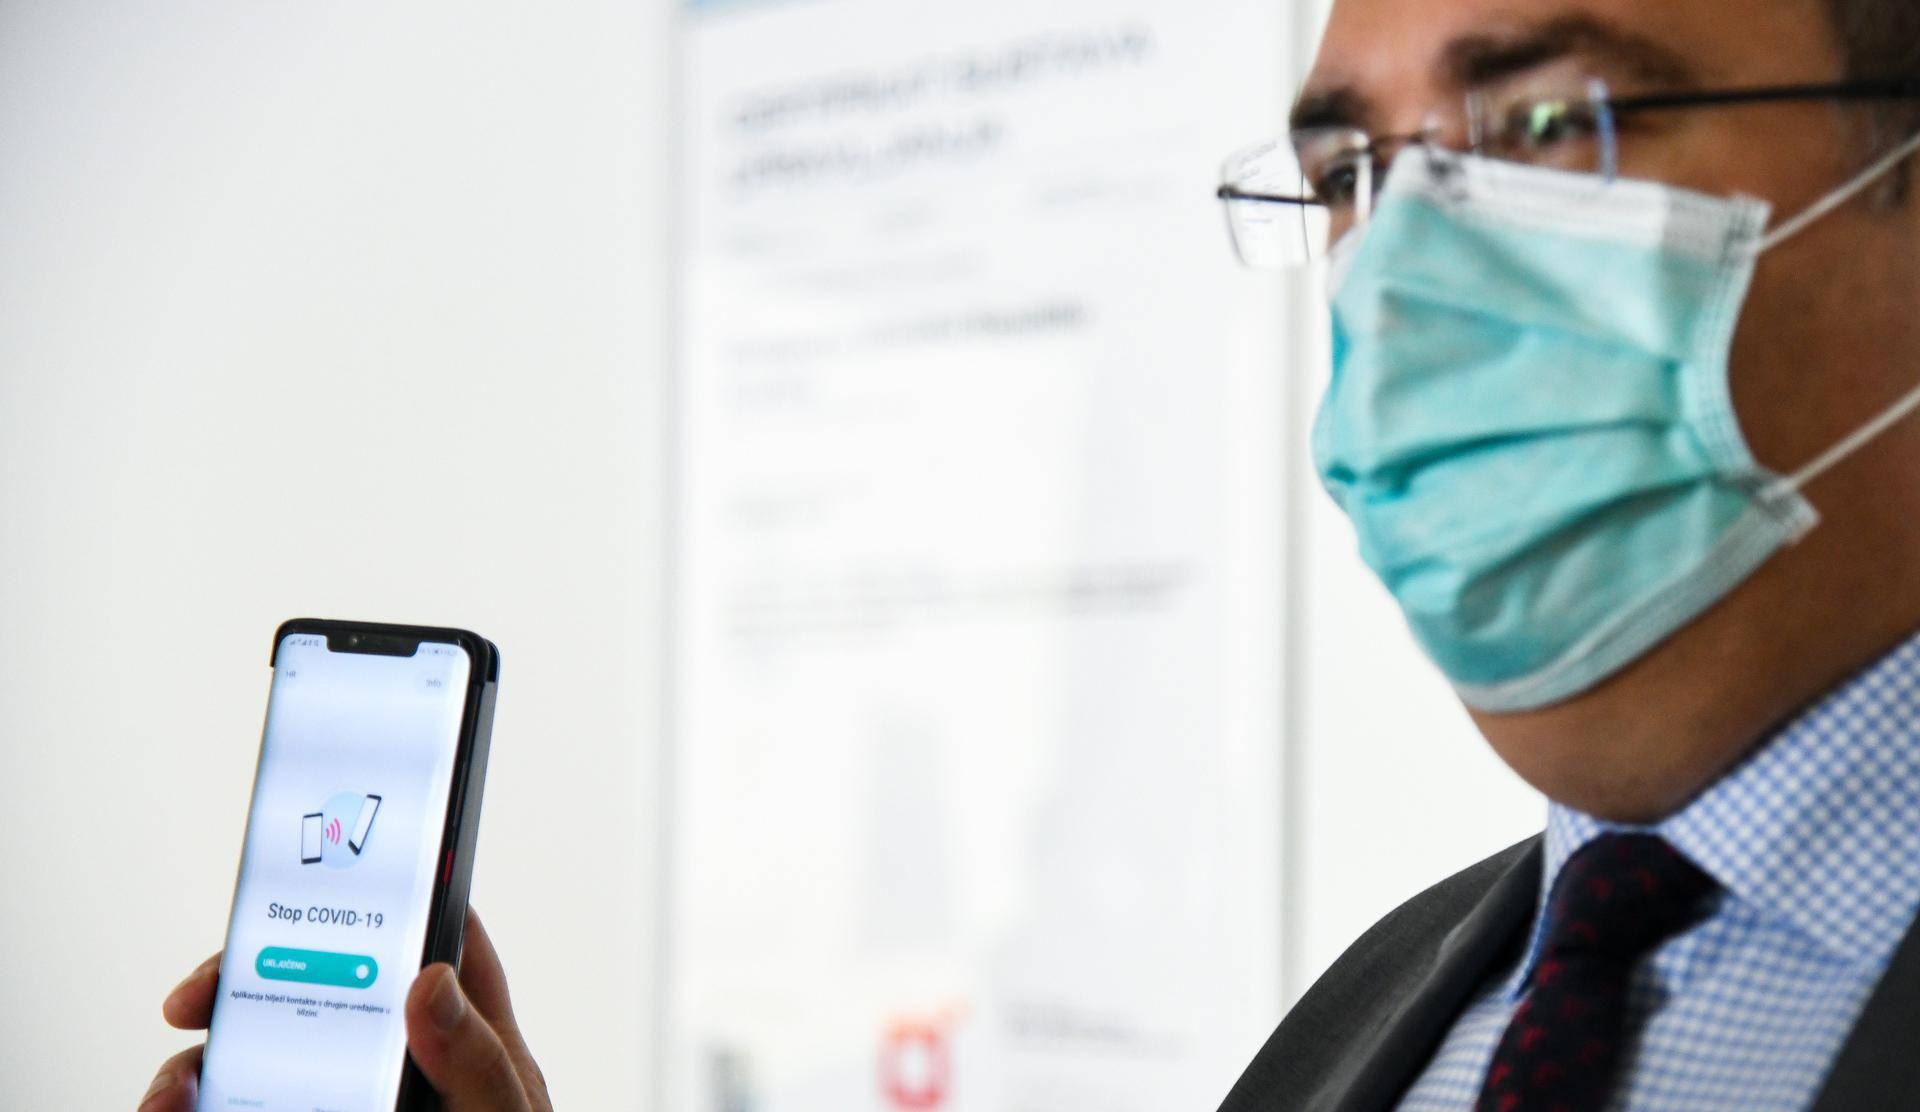 """Zagreb: Vili Beroš i Saša Bilić predstavili mobilnu aplikaciju """"Stop COVID-19"""""""